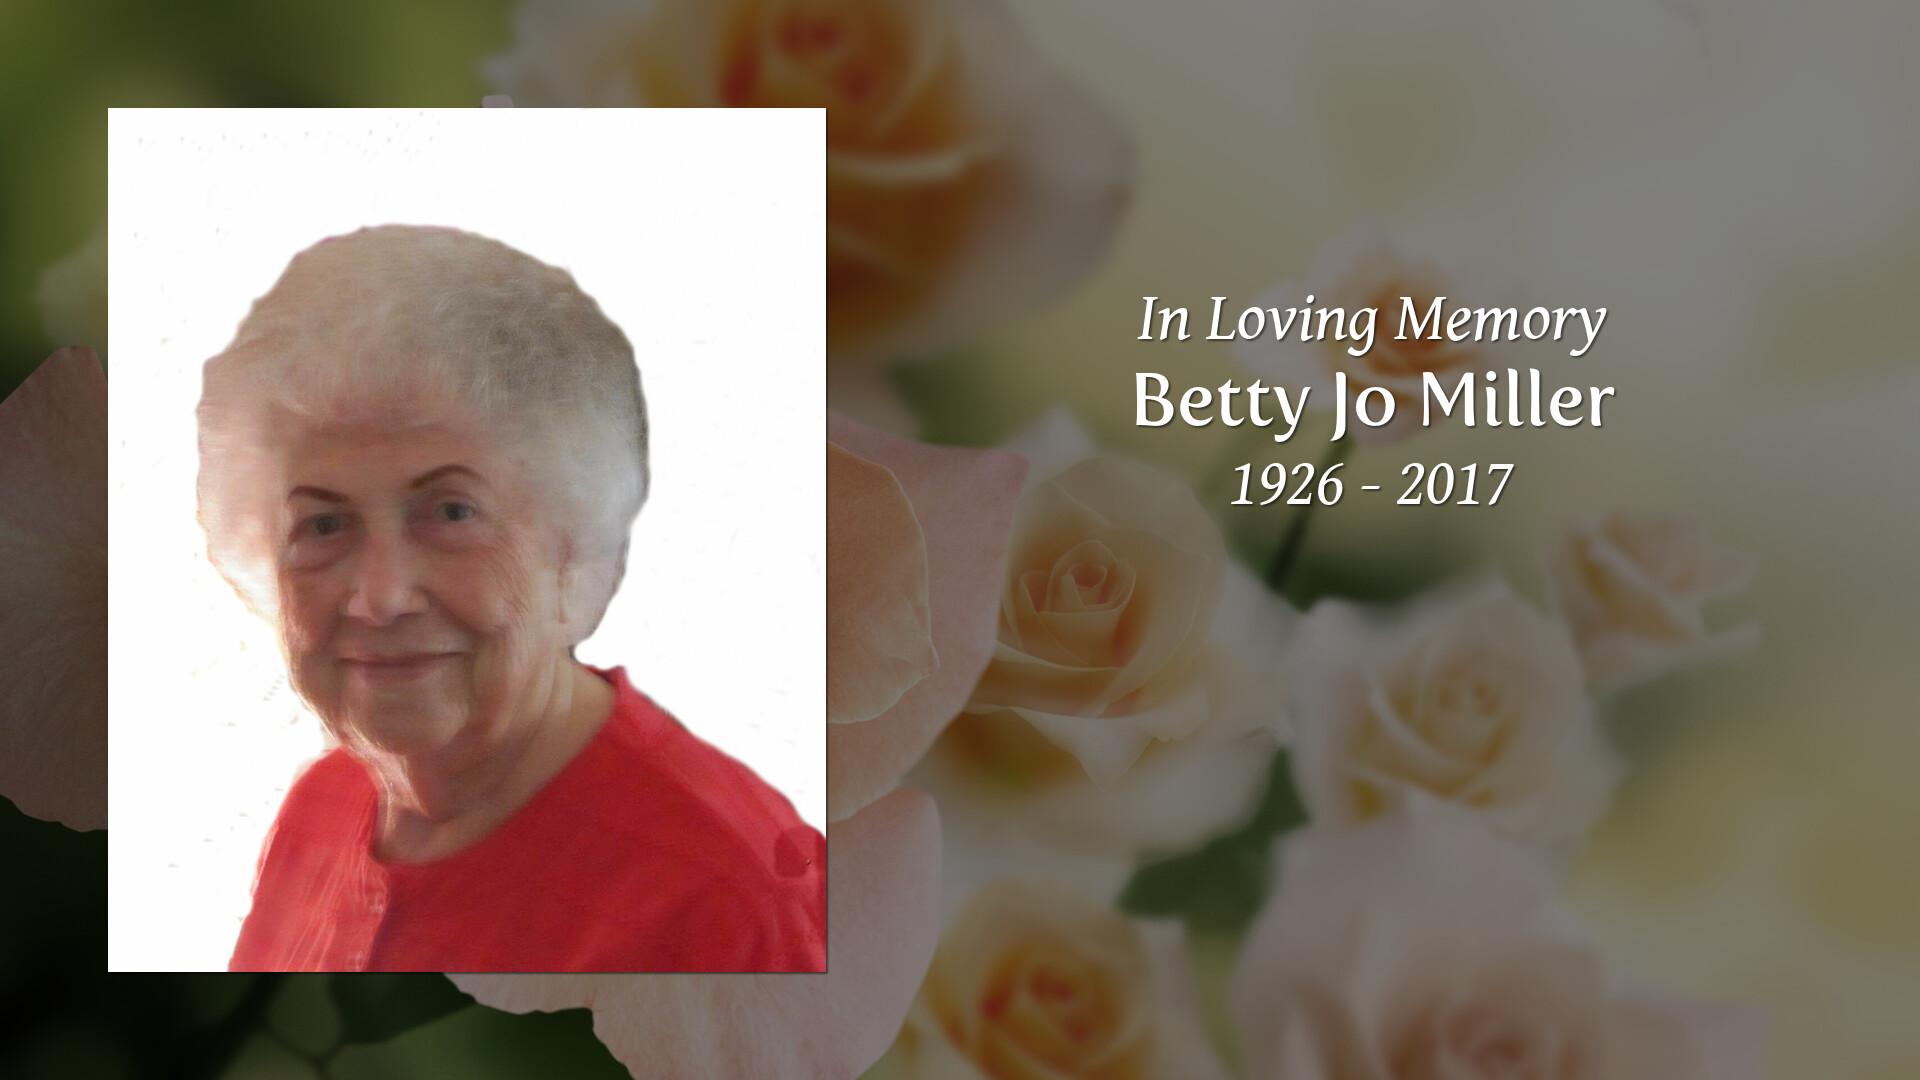 Tribute for Betty Jo Miller